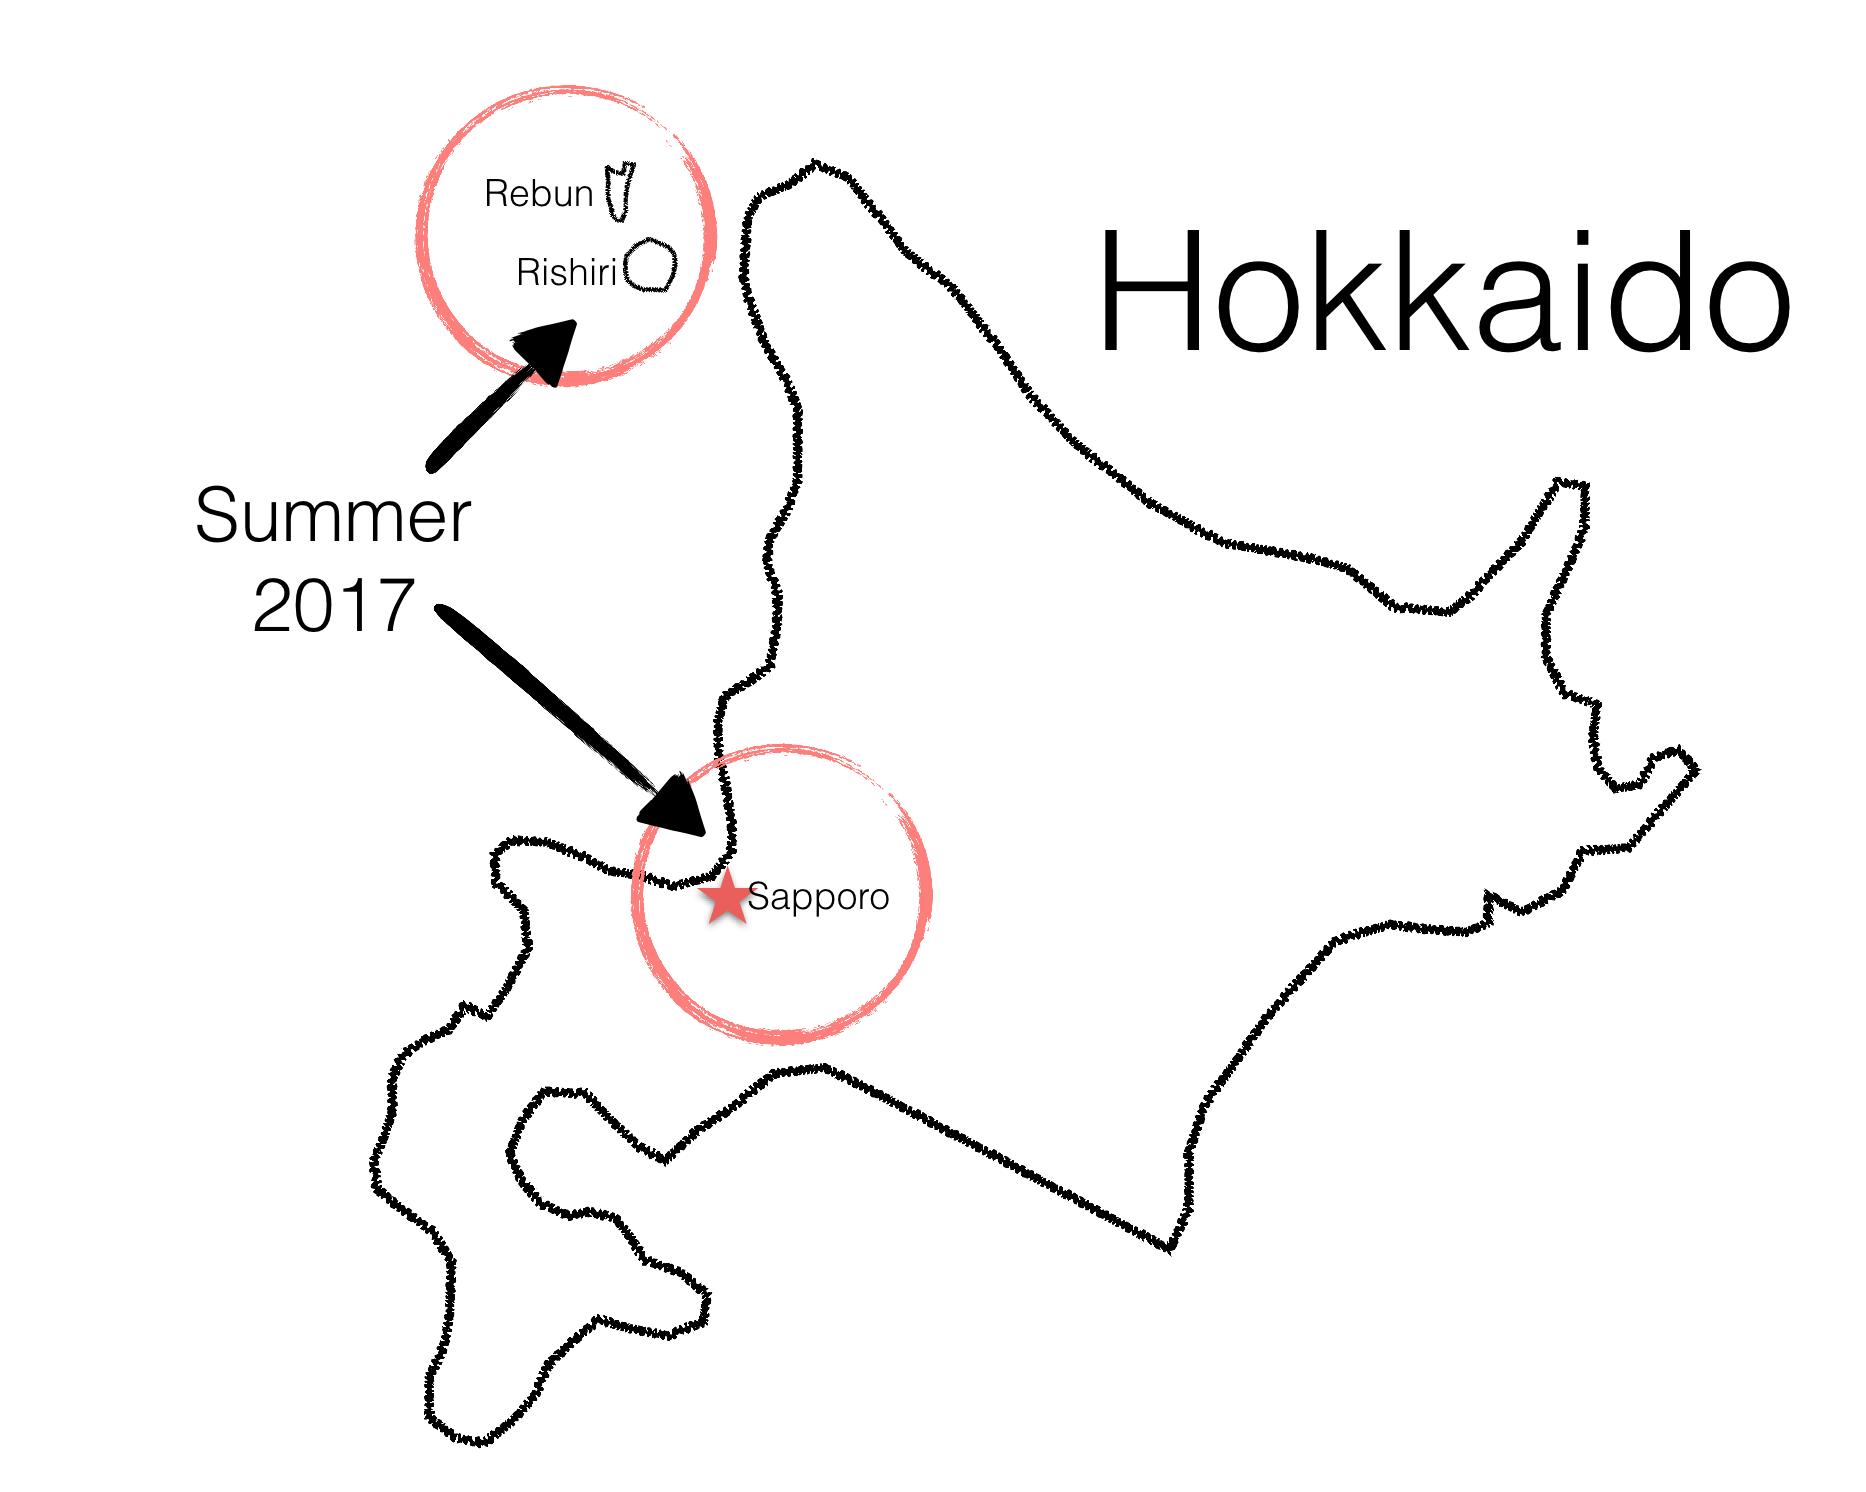 Summer_Hokkaido_Sapporo_Rishiri_Map